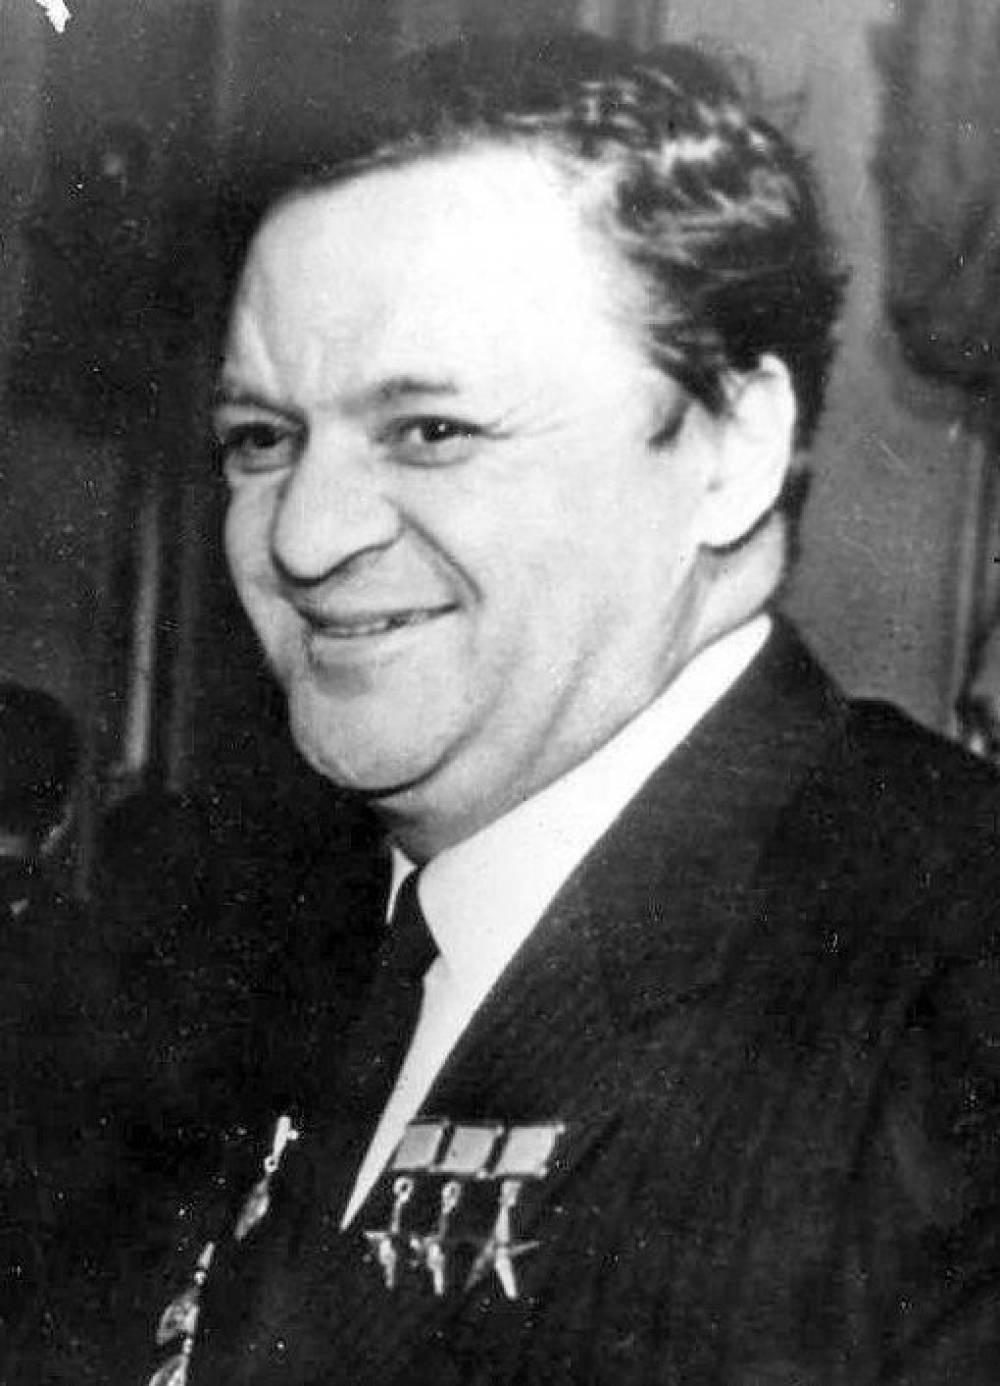 К.И. Щёлкин – плодотворный физик-теоретик и одновременно настойчивый и успешный экспериментатор в области горения, детонации и взрыва; участник Великой Отечественной воины; один из руководителей советского атомного проекта.